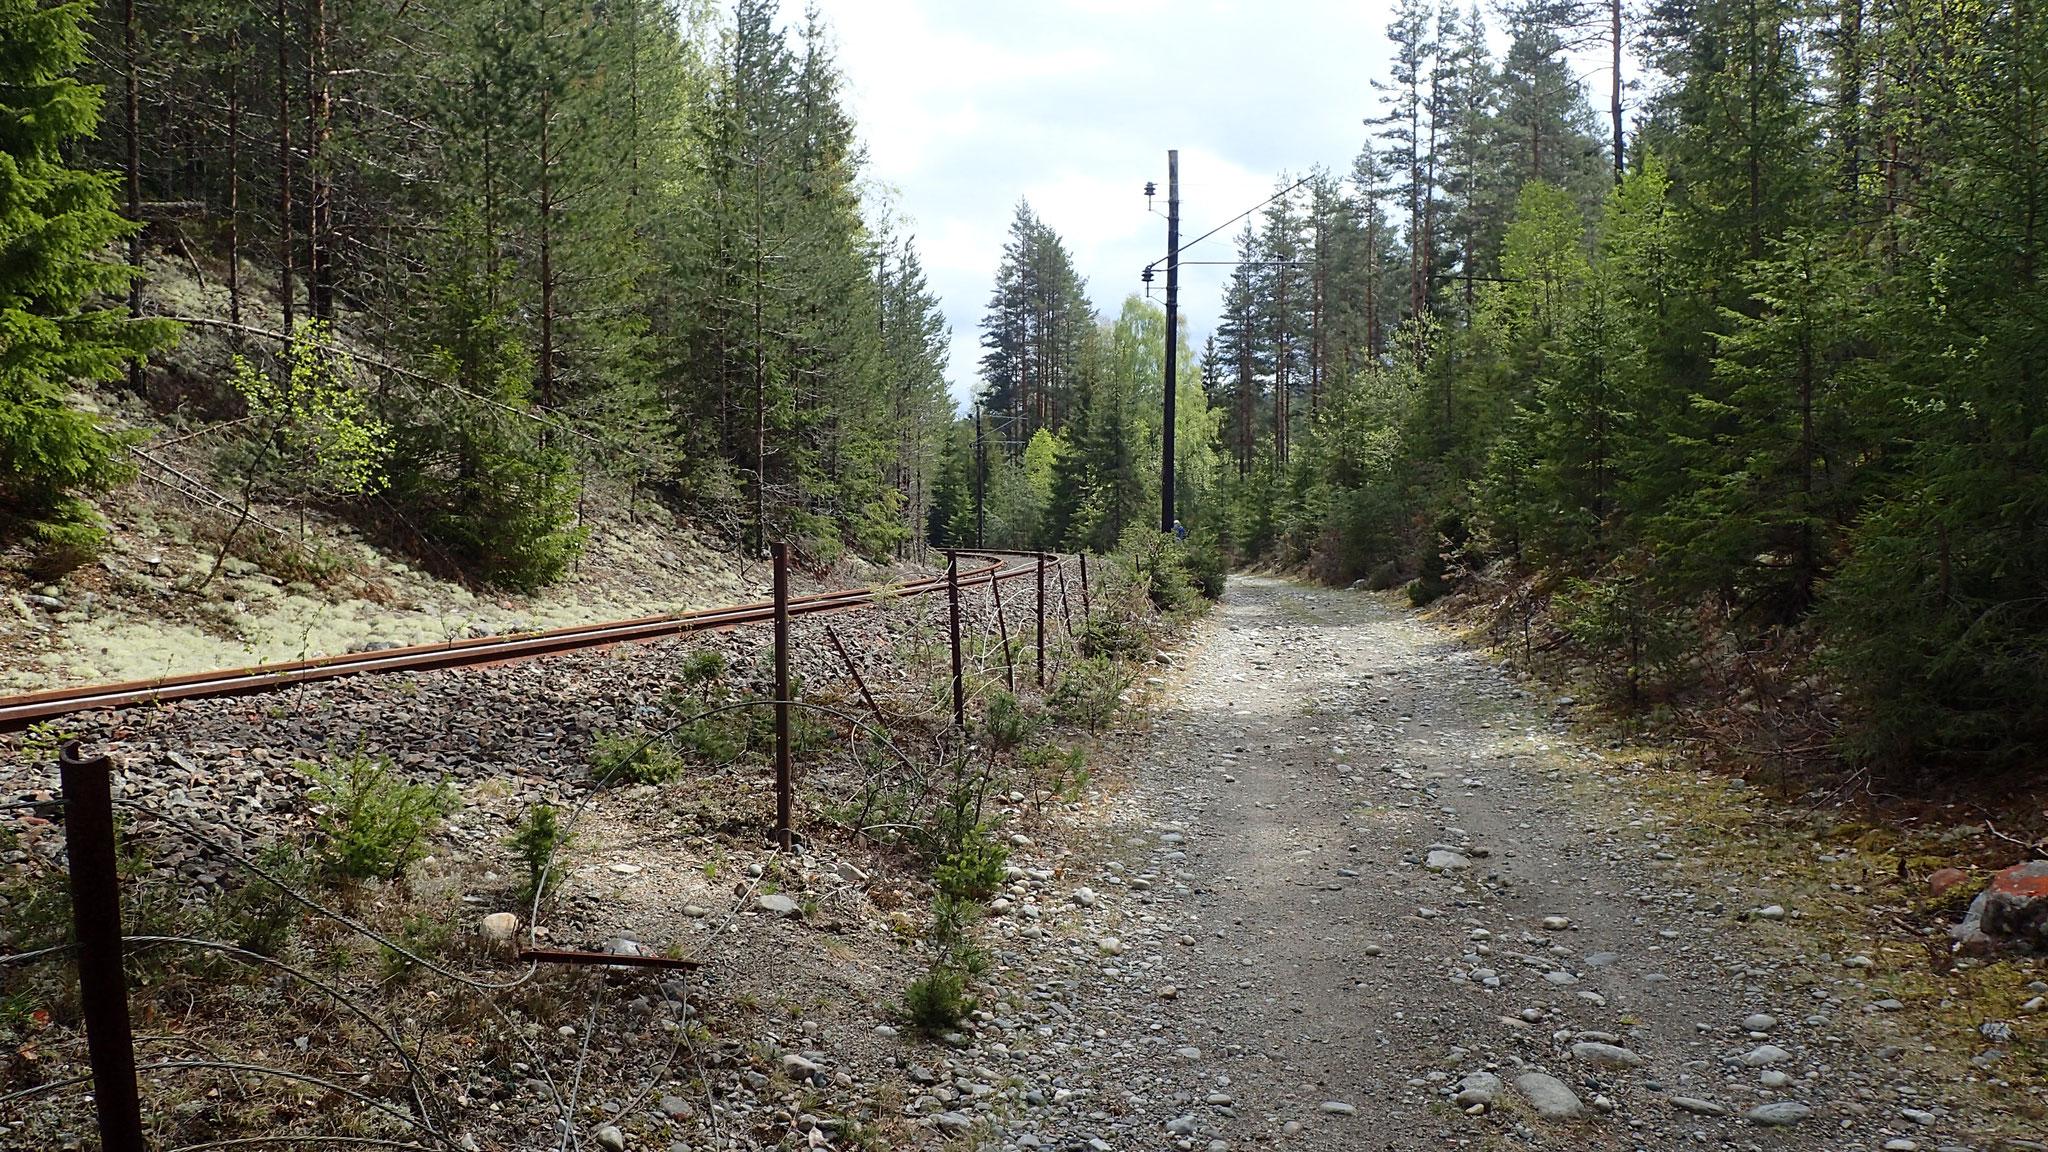 entlang der Bahngleise